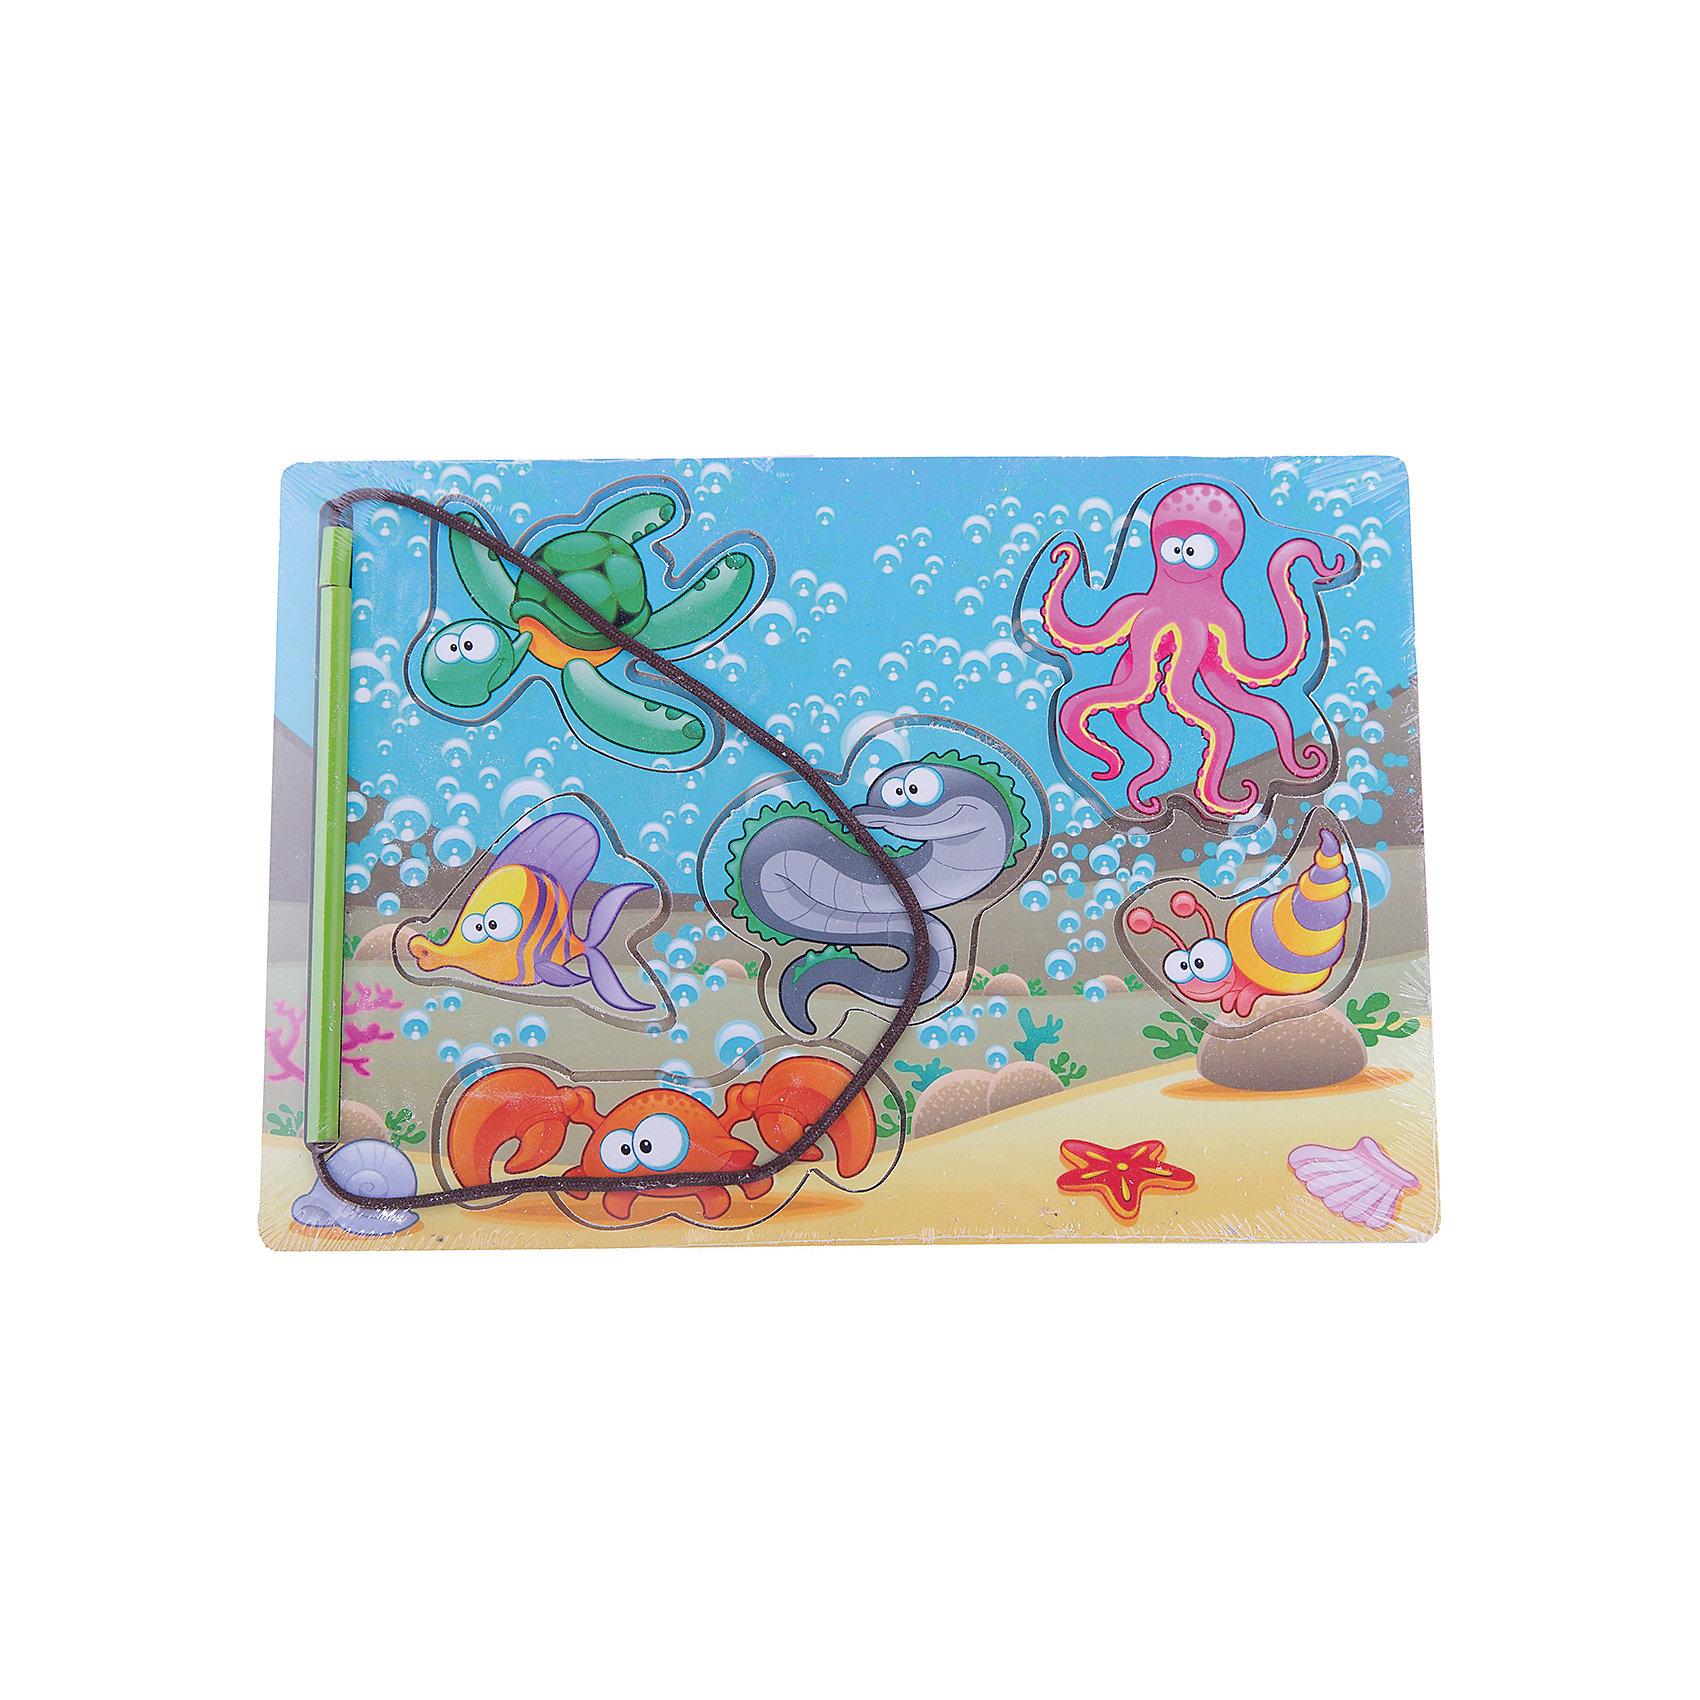 Рамка-вкладка «Магнитная рыбалка 1»Деревянные игры и пазлы<br>Дети каждый день узнают что-то новое. Сделать процесс познавания мира для малышей - просто! Яркая обучающая рамка-вкладка «Магнитная рыбалка 1» поможет ребенку легко запомнить обитателей моры в процессе совмещения соответствующих элементов. Также к игре прилагается магнитная удочка, с помощью которой эти фигурки можно ловить!<br>Эта рамка-вкладка обязательно займет ребенка! Игра с ней помогает детям развивать мелкую моторику, внимательность и познавать мир. Обучающая игрушка сделана из качественных и безопасных для ребенка материалов - натурального дерева.<br><br>Дополнительная информация:<br><br>цвет: разноцветный;<br>размер:  28 х 19.5 х 0.8 см;<br>вес: 260 г;<br>элементов: 6;<br>материал: дерево.<br><br>Рамку-вкладку «Магнитная рыбалка 1» можно купить в нашем магазине.<br><br>Ширина мм: 280<br>Глубина мм: 7<br>Высота мм: 195<br>Вес г: 260<br>Возраст от месяцев: 36<br>Возраст до месяцев: 2147483647<br>Пол: Унисекс<br>Возраст: Детский<br>SKU: 4916395